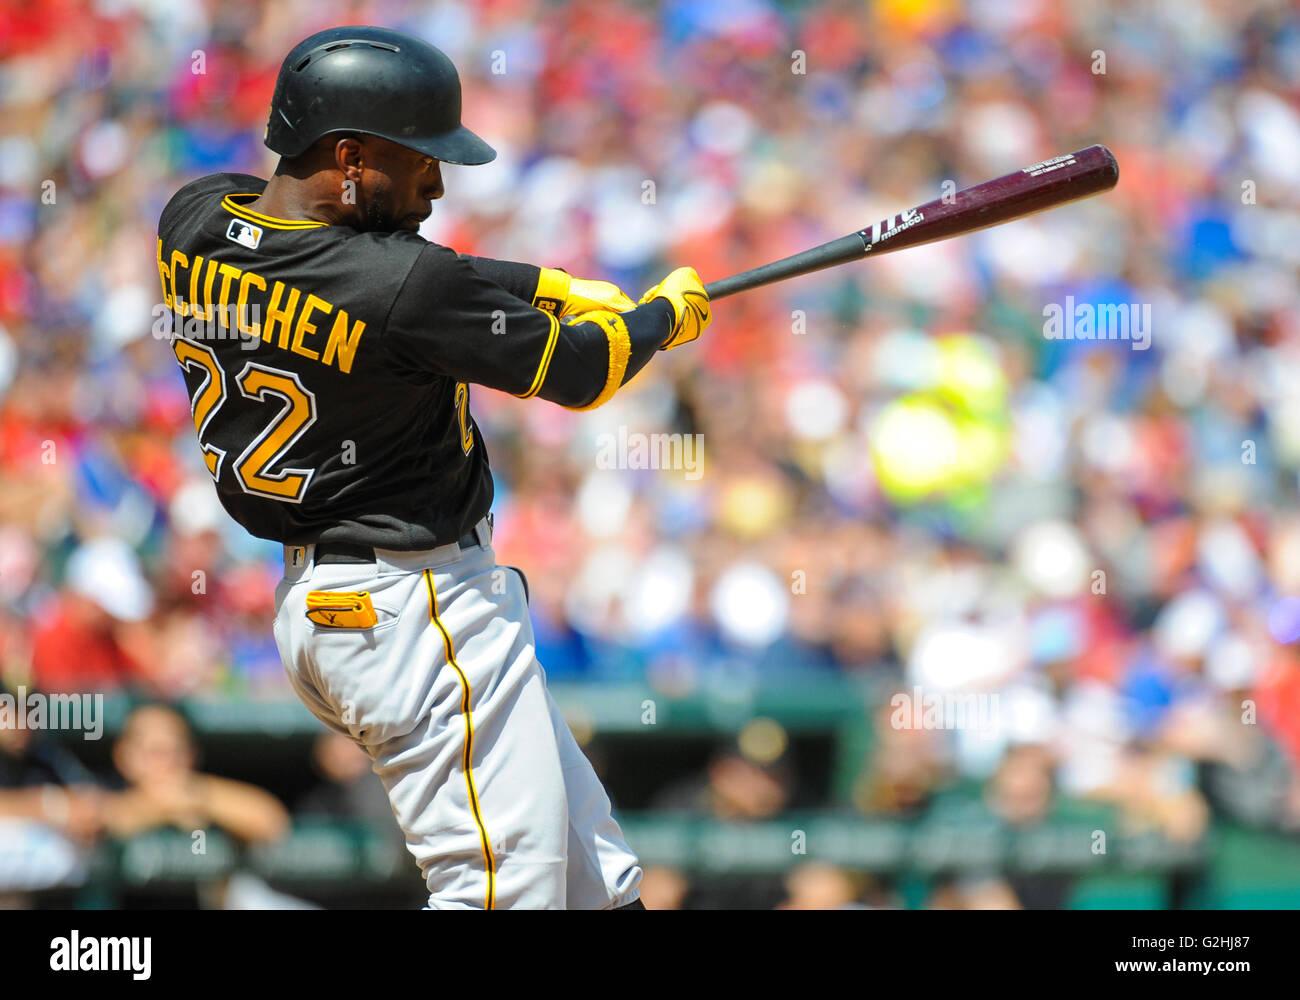 Mayo 29, 2016: la jardinera del centro de los Piratas de Pittsburgh Andrew McCutchen #22 durante un juego MLB entre Imagen De Stock